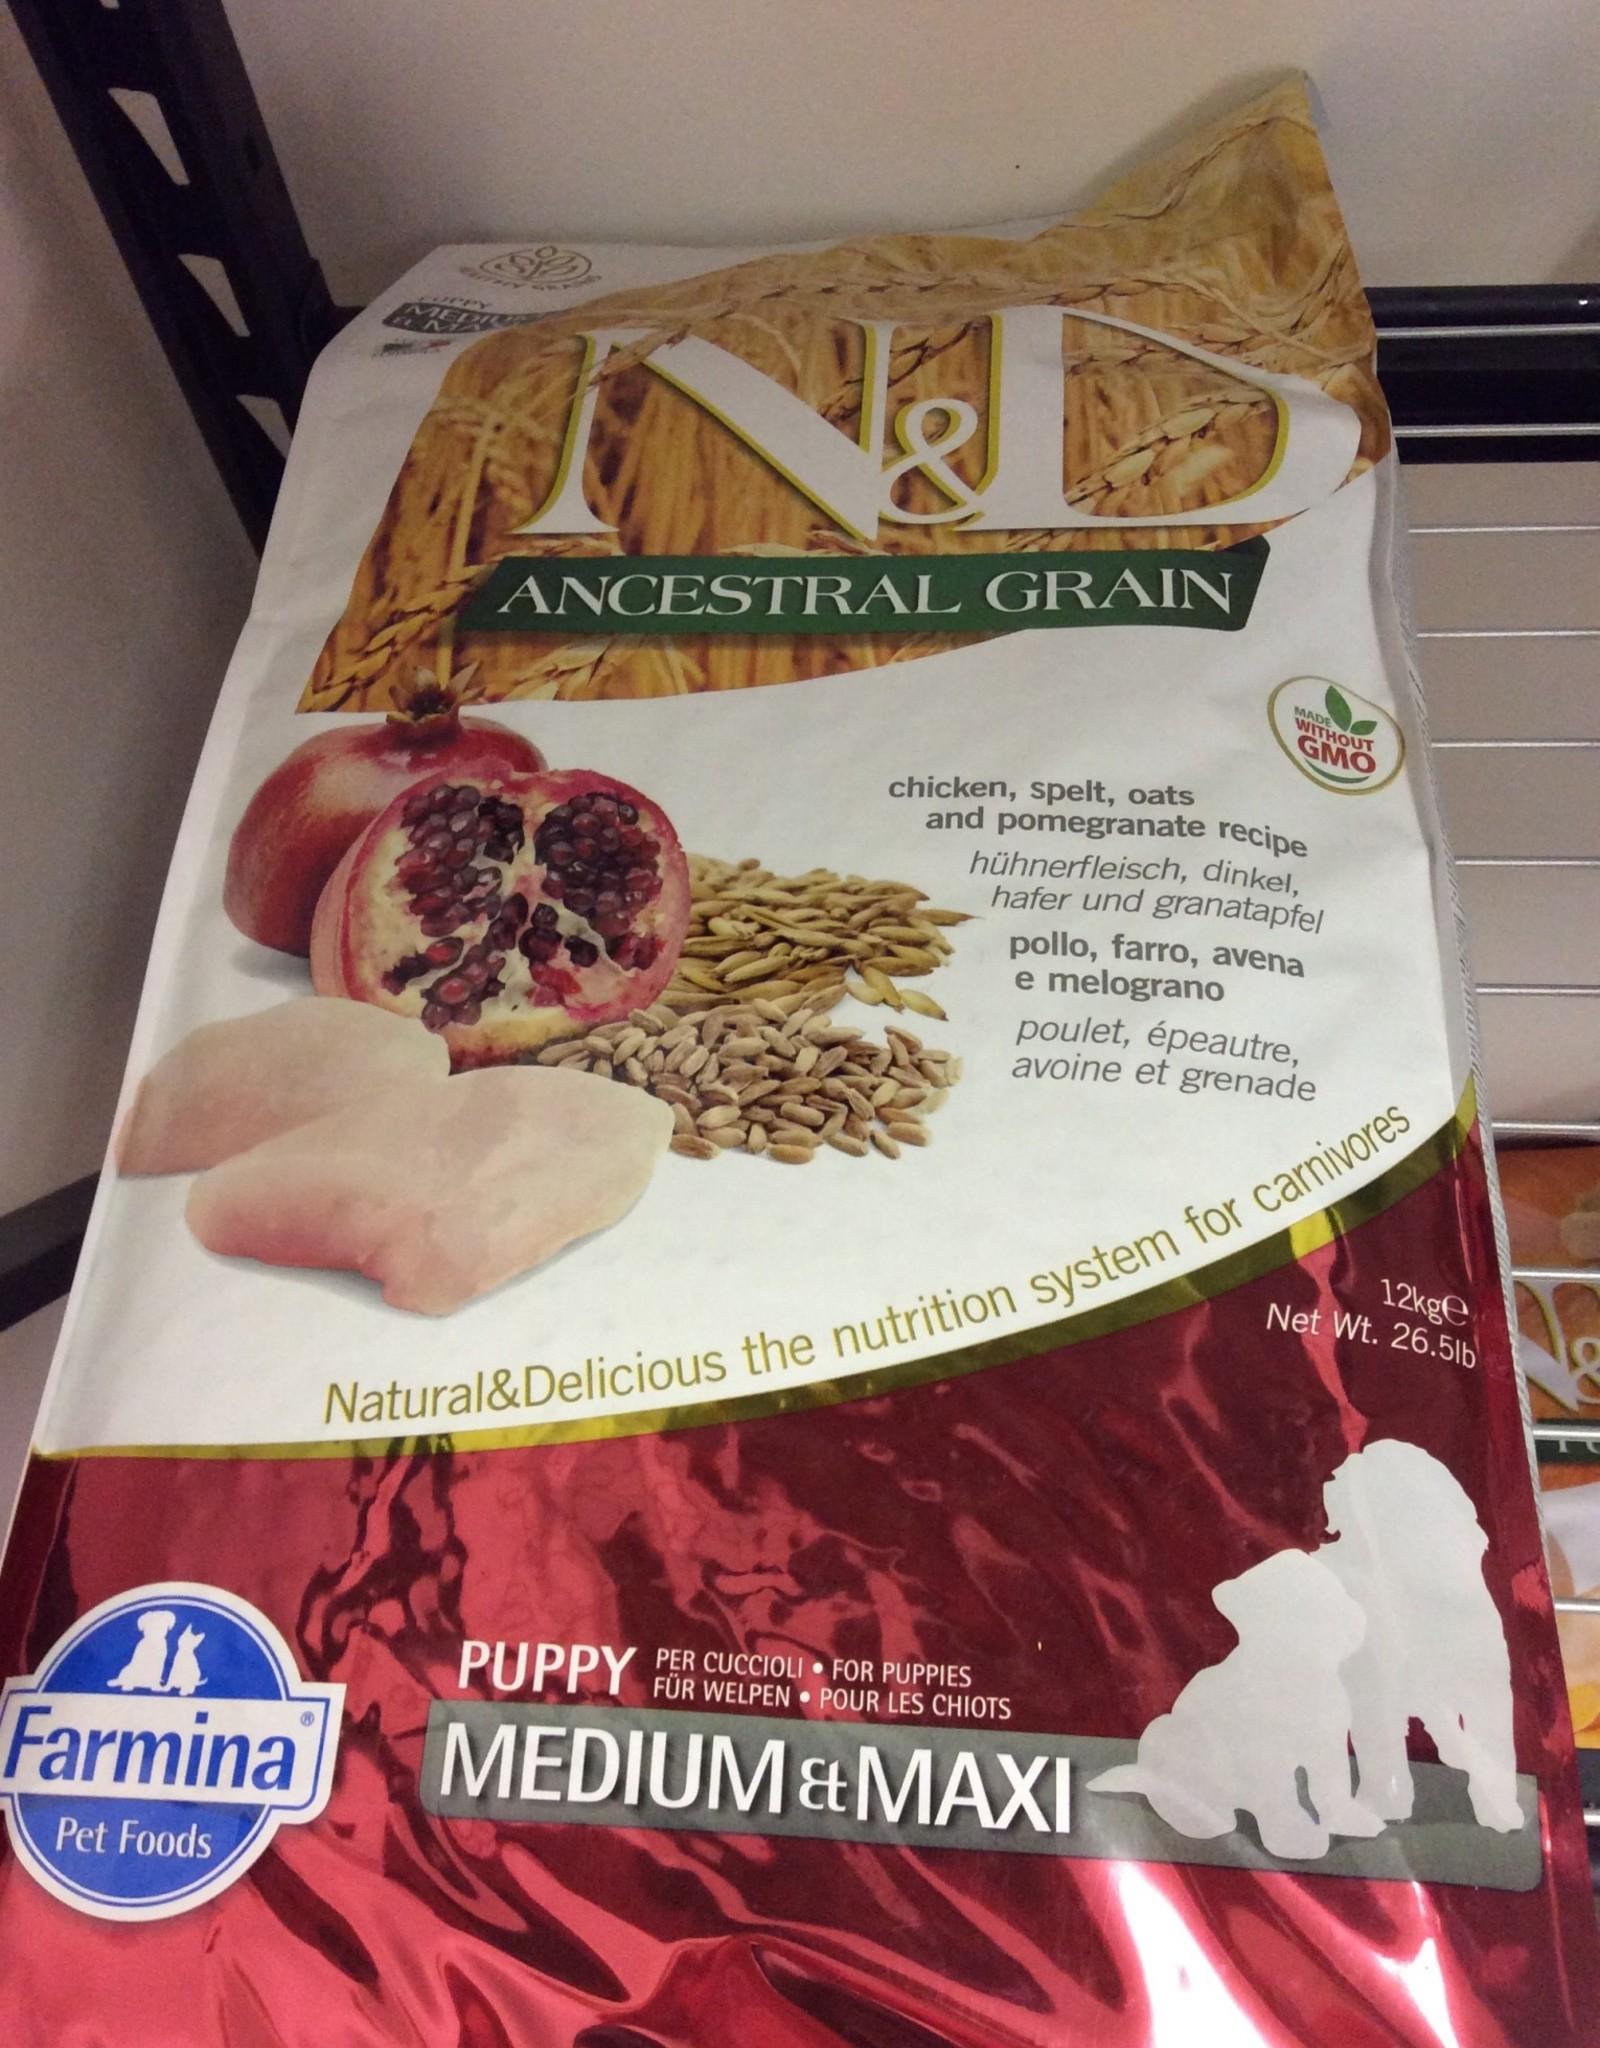 Farmina AG Chicken Pomegranate Puppy Medium Maxi 26.5lb